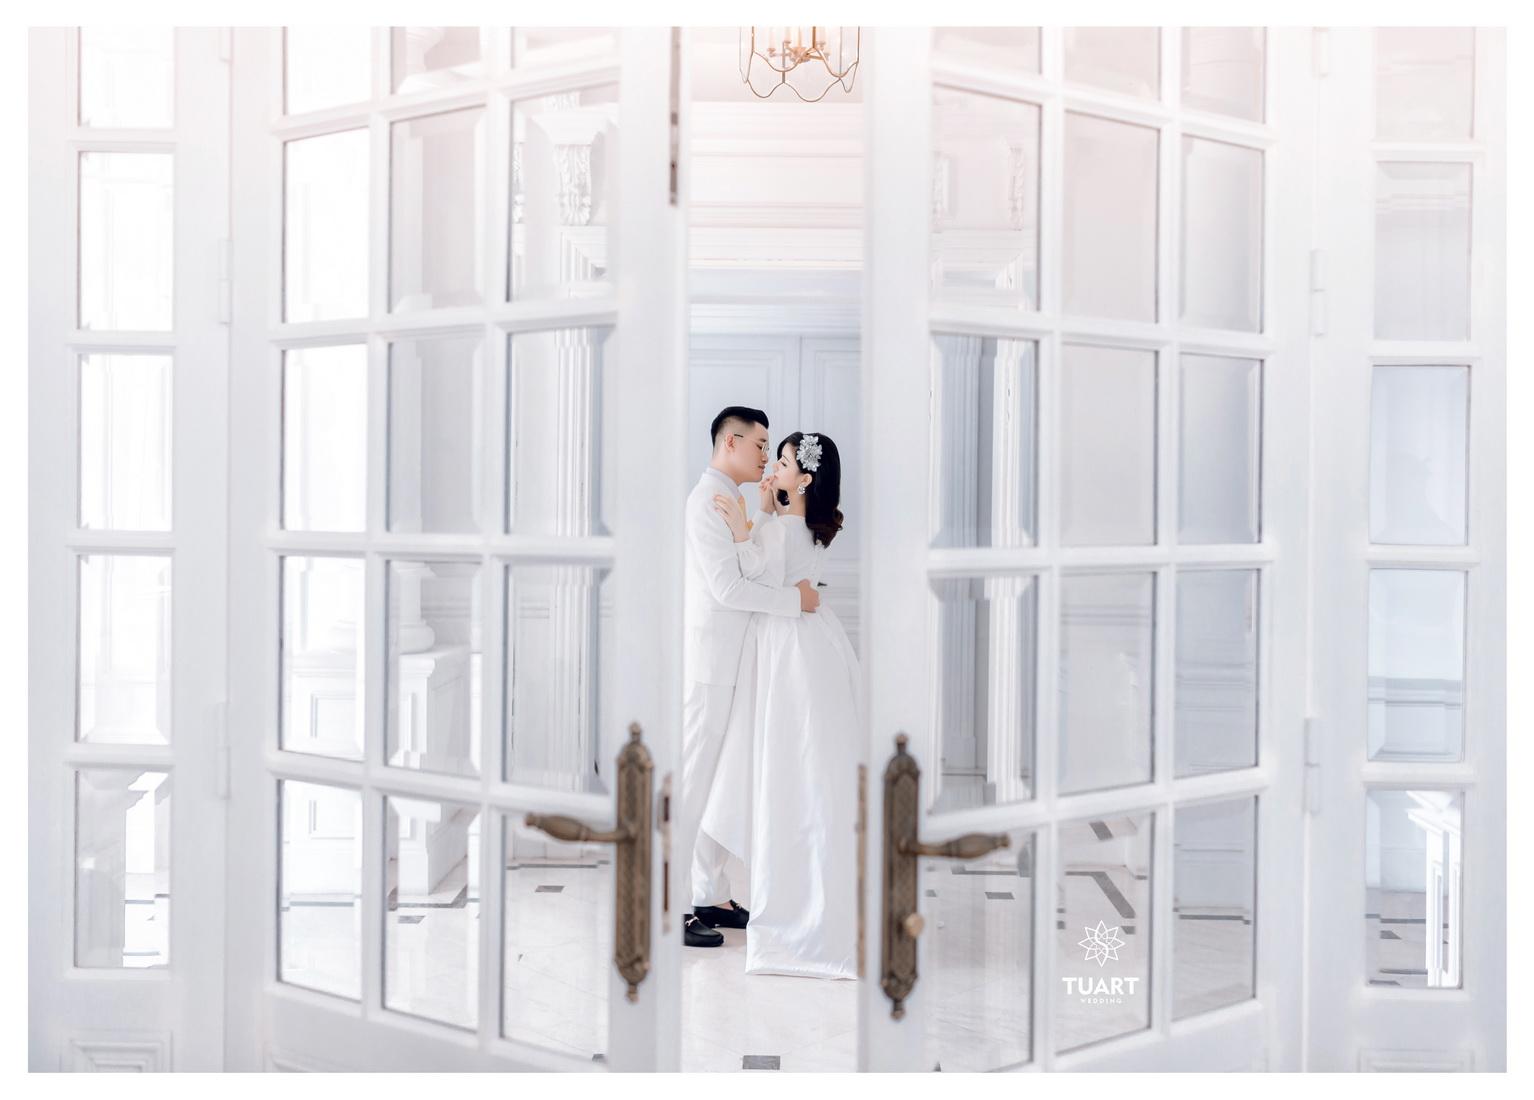 Album chụp ảnh cưới tại Biệt Thự Hoa Hồng : Tùng-Hường 9